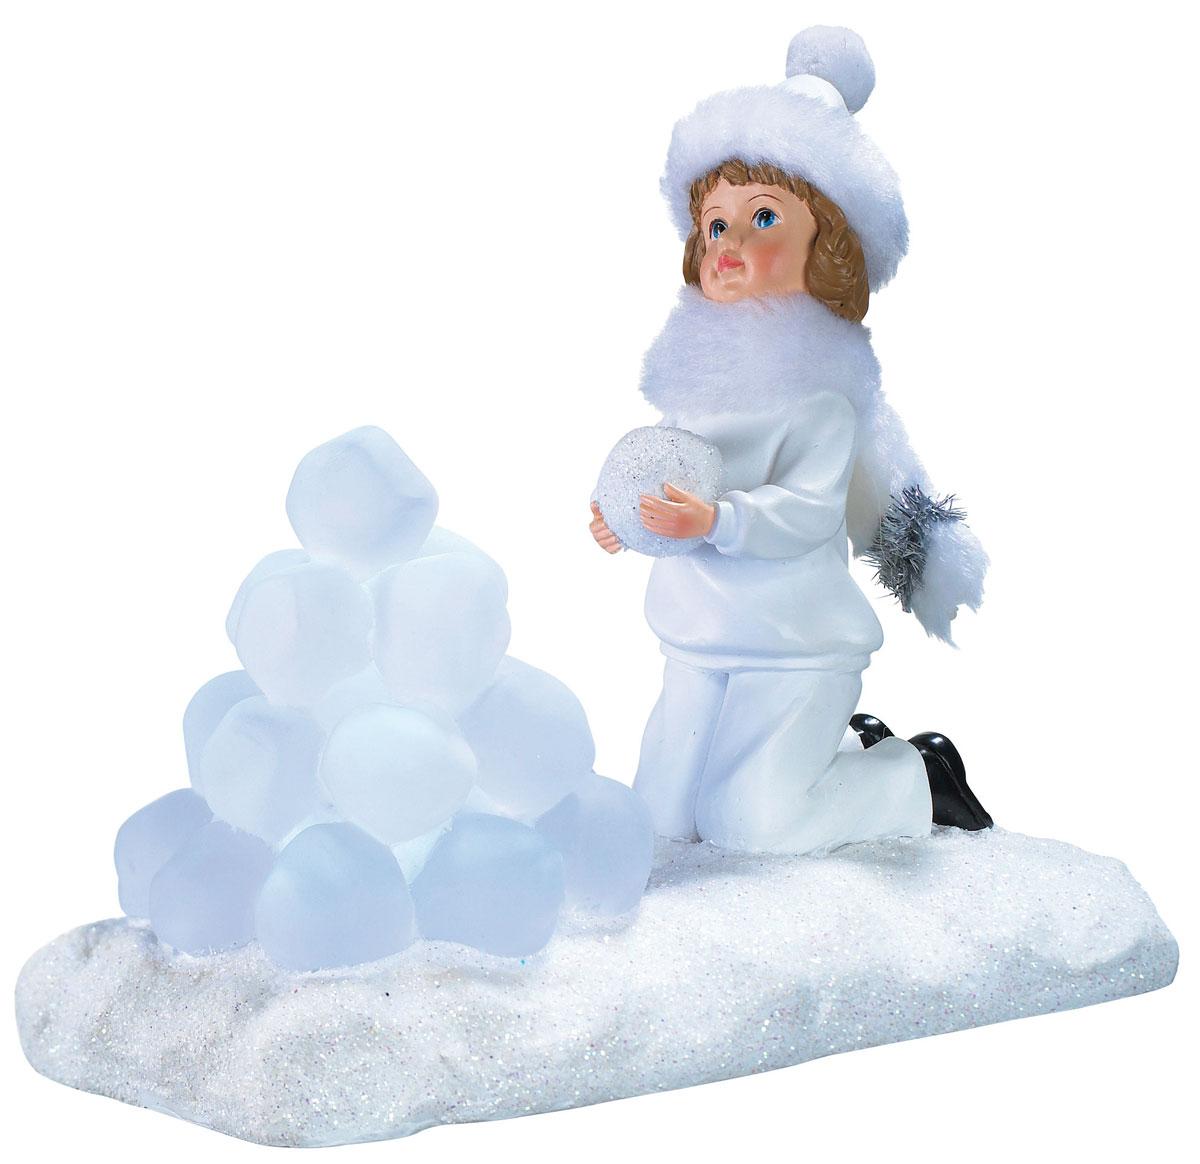 Новогодняя декоративная фигурка Девочка со снежками, с подсветкой55037Новогодняя декоративная фигурка выполнена из акрила и пластика в виде девочки со снежками на подставке, украшенной белыми блестками. Шапочка и шарф у девочки выполнены из искусственного меха белого цвета. Изделие оснащено светодиодами. Свечение холодного белого цвета создаст атмосферу волшебства и праздника в вашем доме. Работает от батареек и от сети 220В. Адаптер входит в комплект.